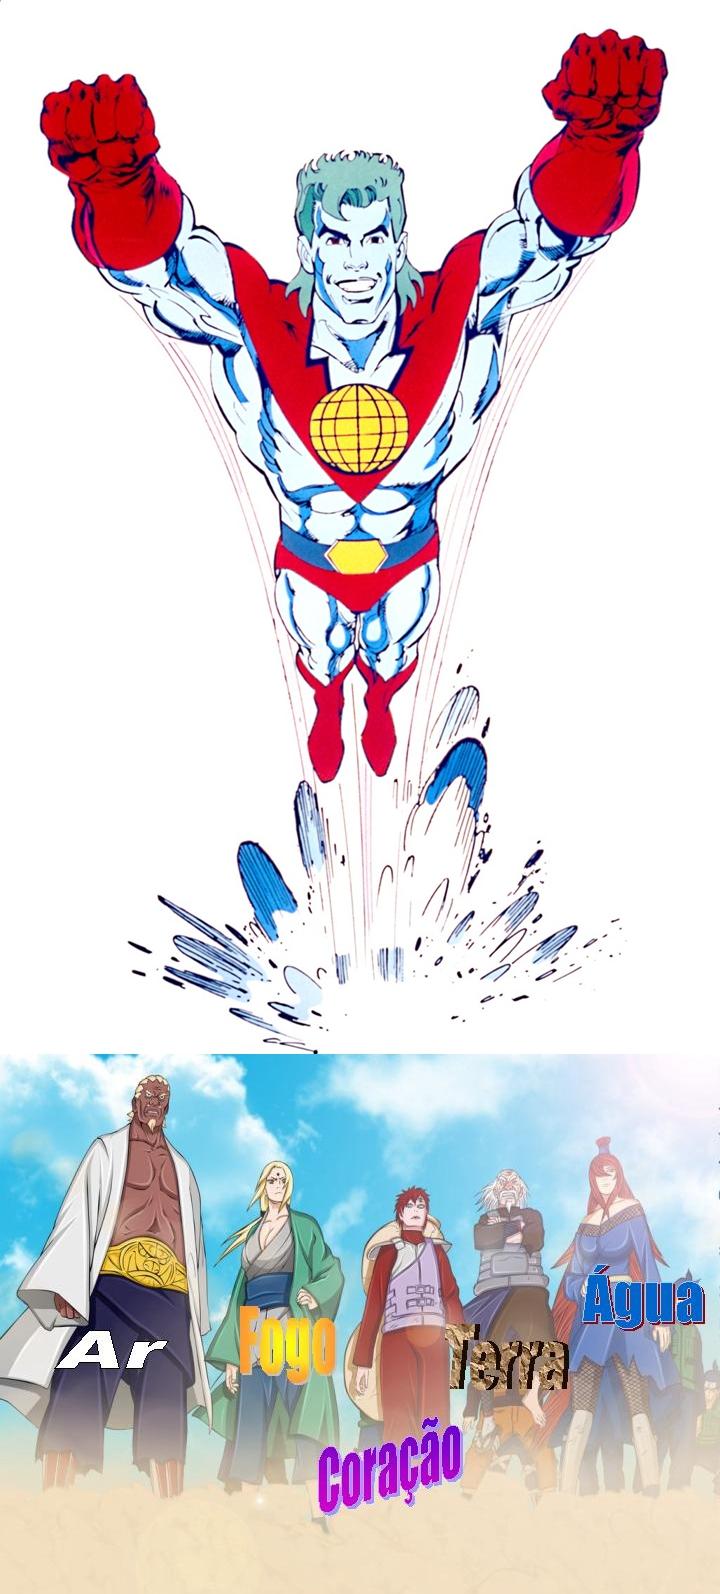 Os Cinco Kages unem seus poderes e invocam o Capitão Planeta